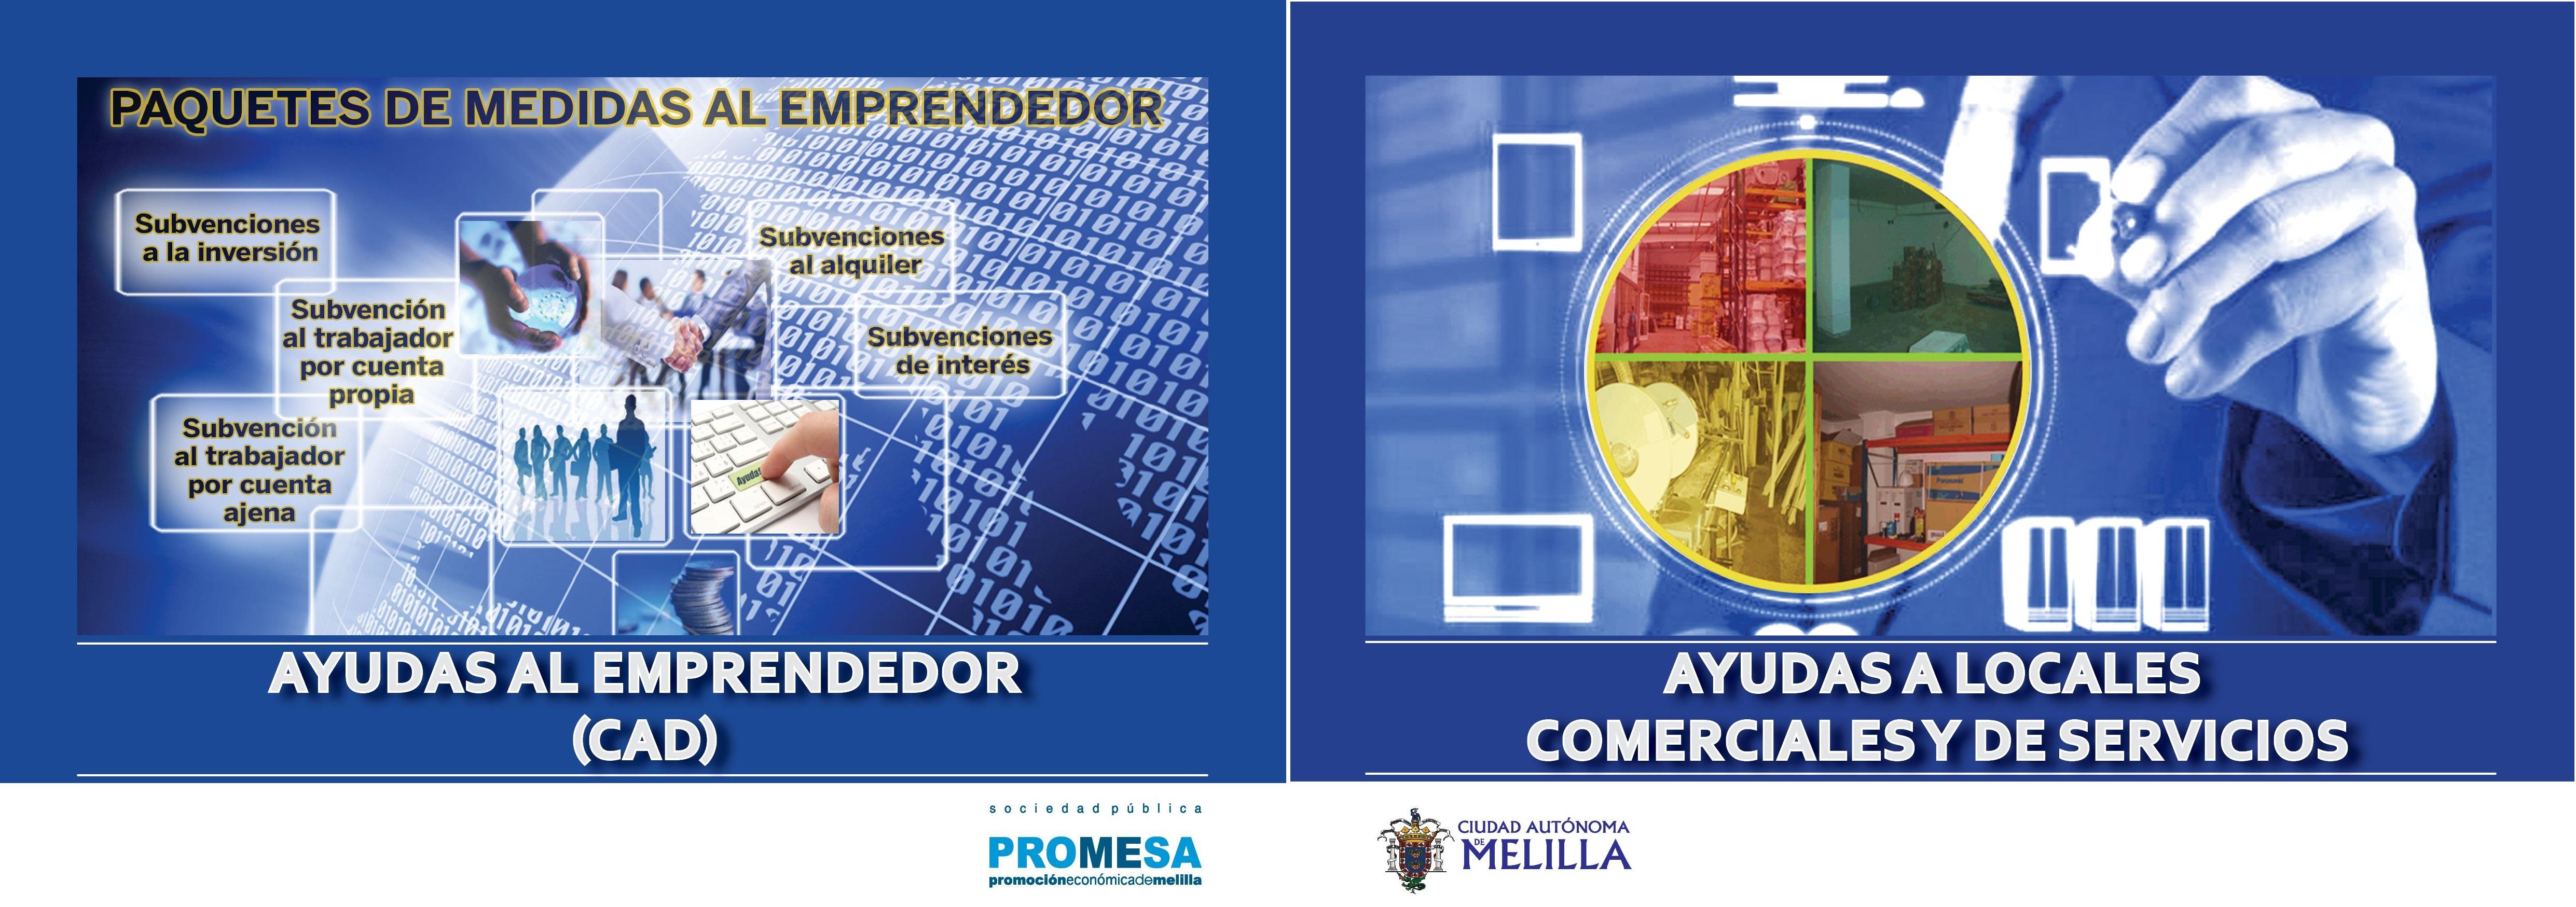 NUEVA CONVOCATORIA DE AYUDAS PARA LOCALES COMERCIALES Y EMPRENDEDORES